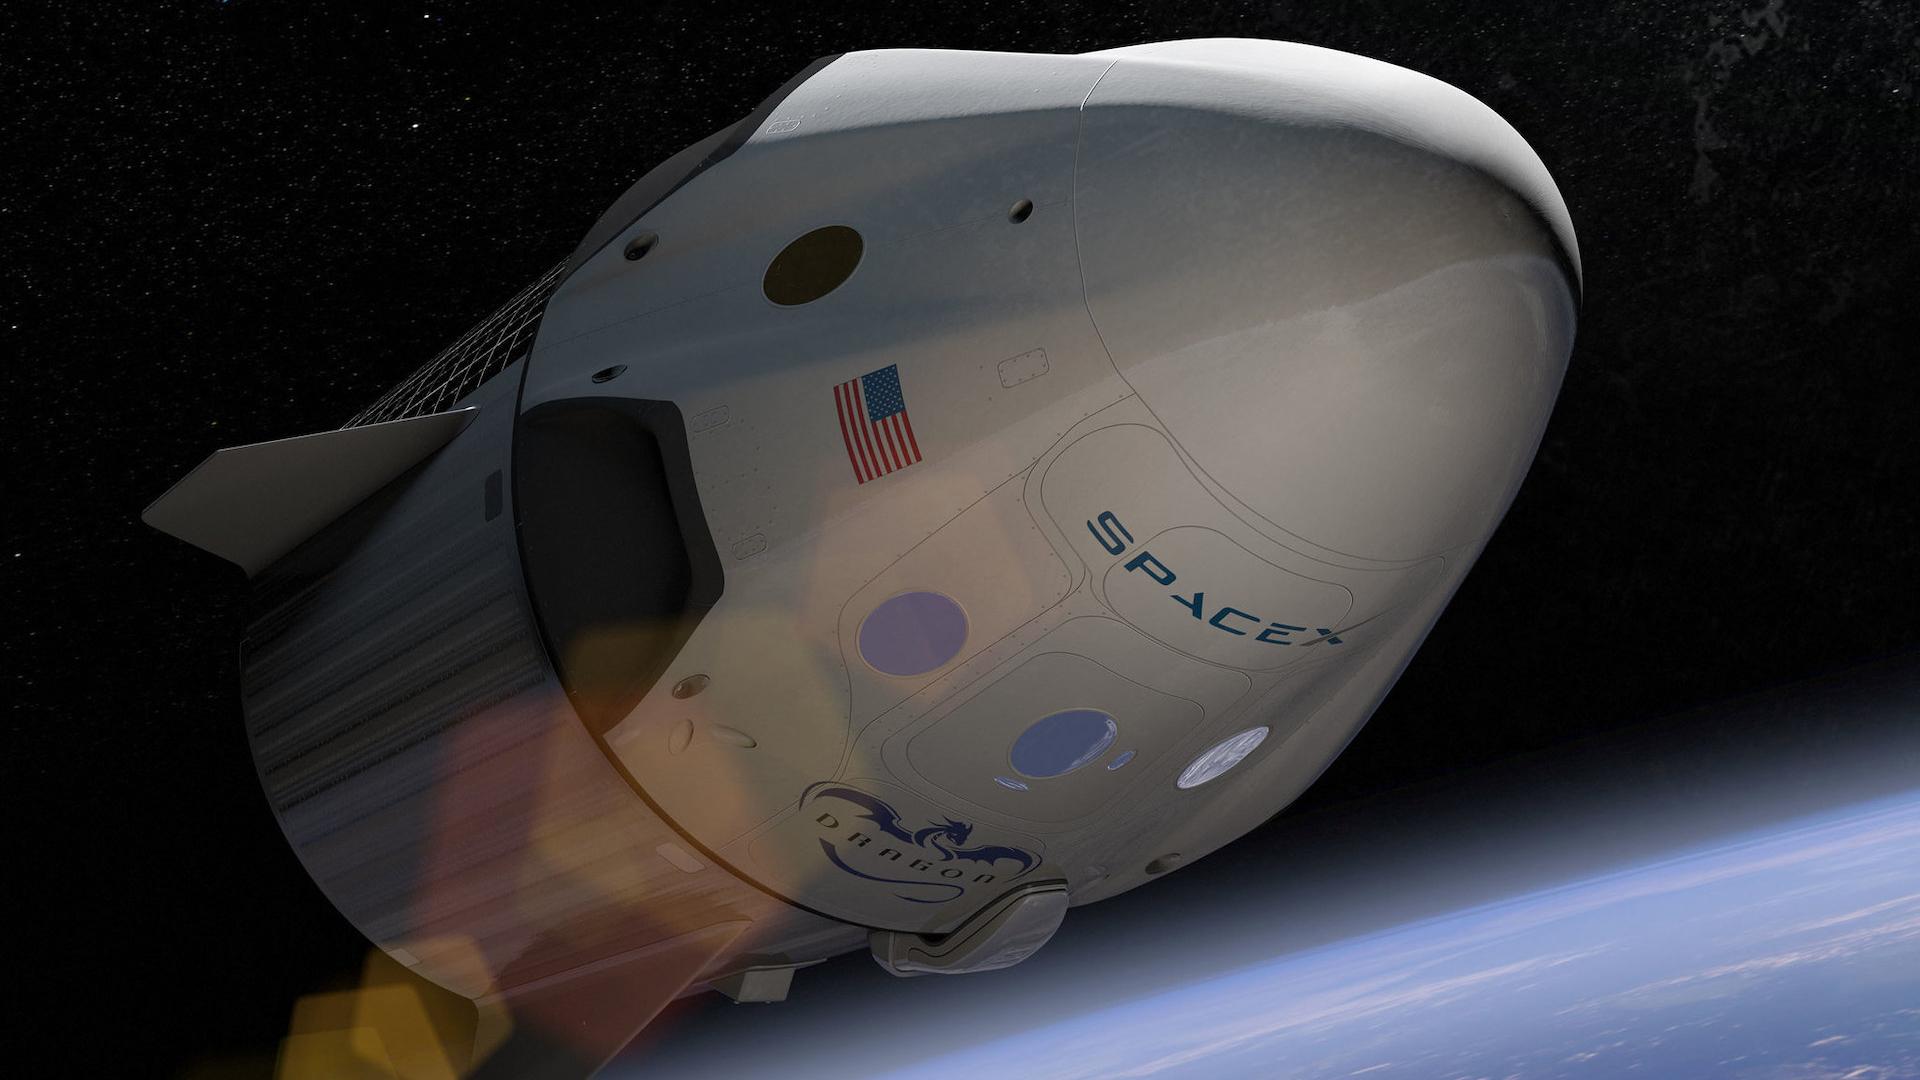 SpaceX : suivez en direct l'ultime grand test avant les vols habités vers l'ISS ce samedi